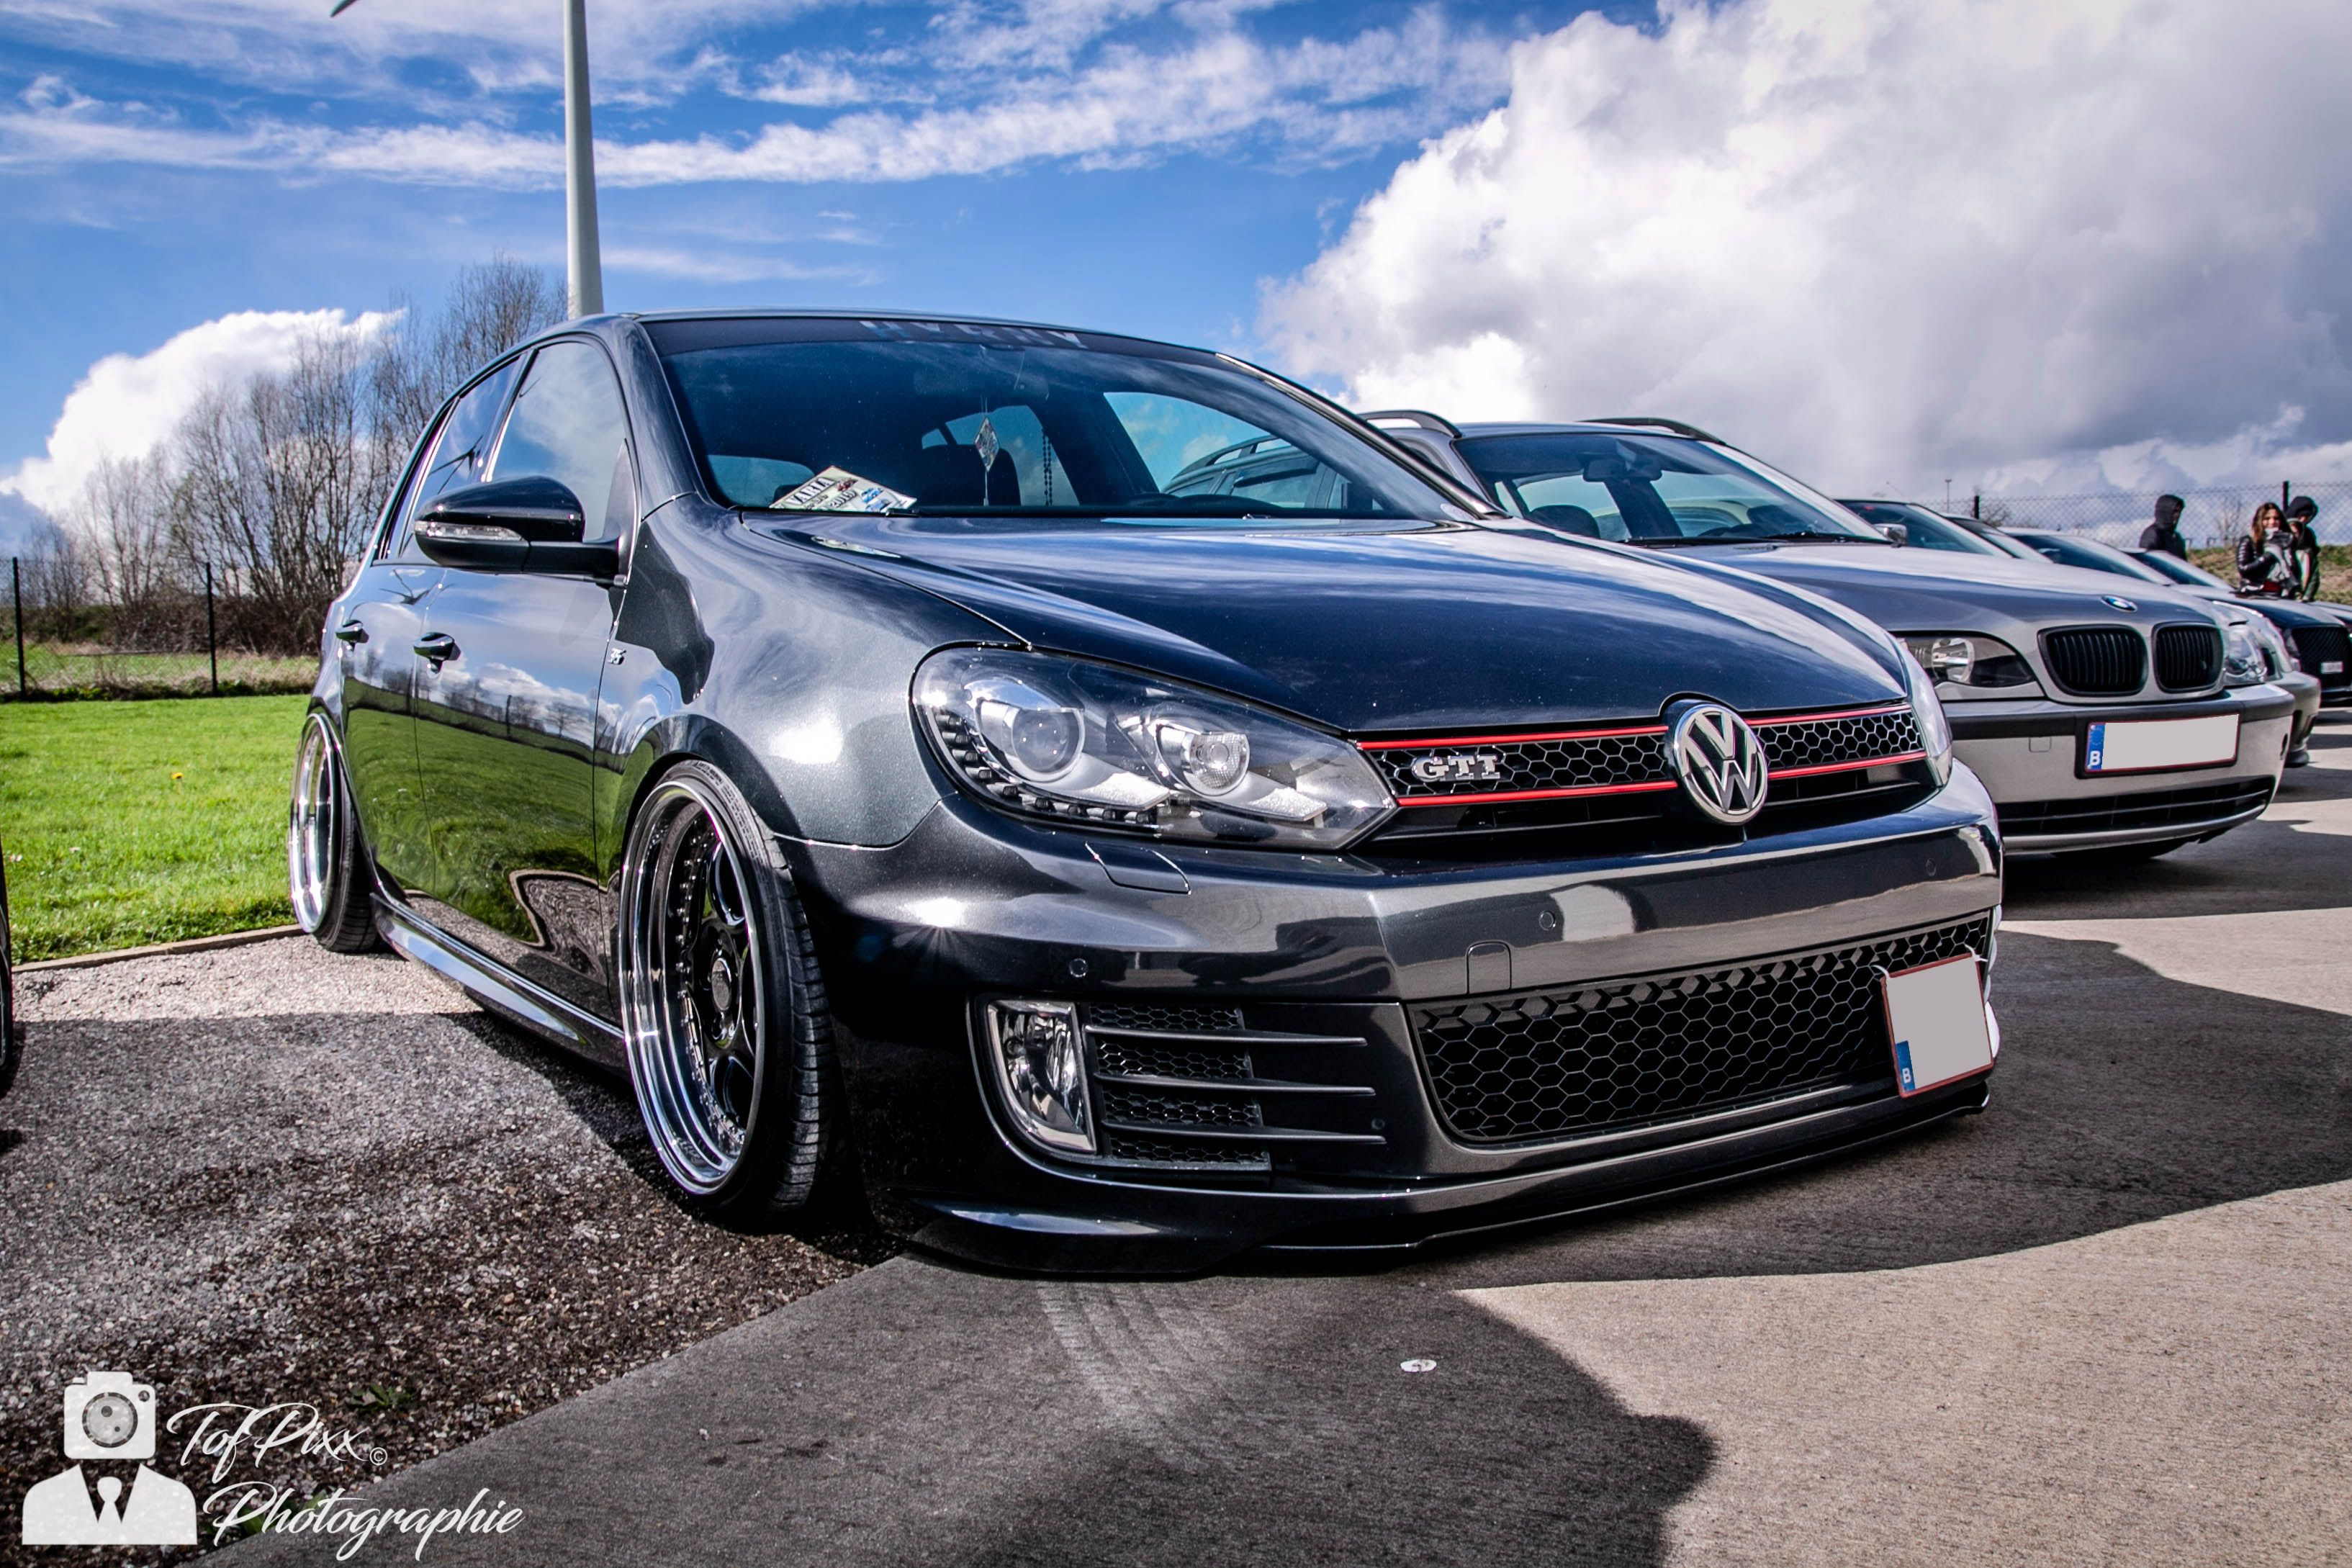 Vw Volkswagen Mk6 Golf Golf6 Golfgti Gti Rh Auto Voiture